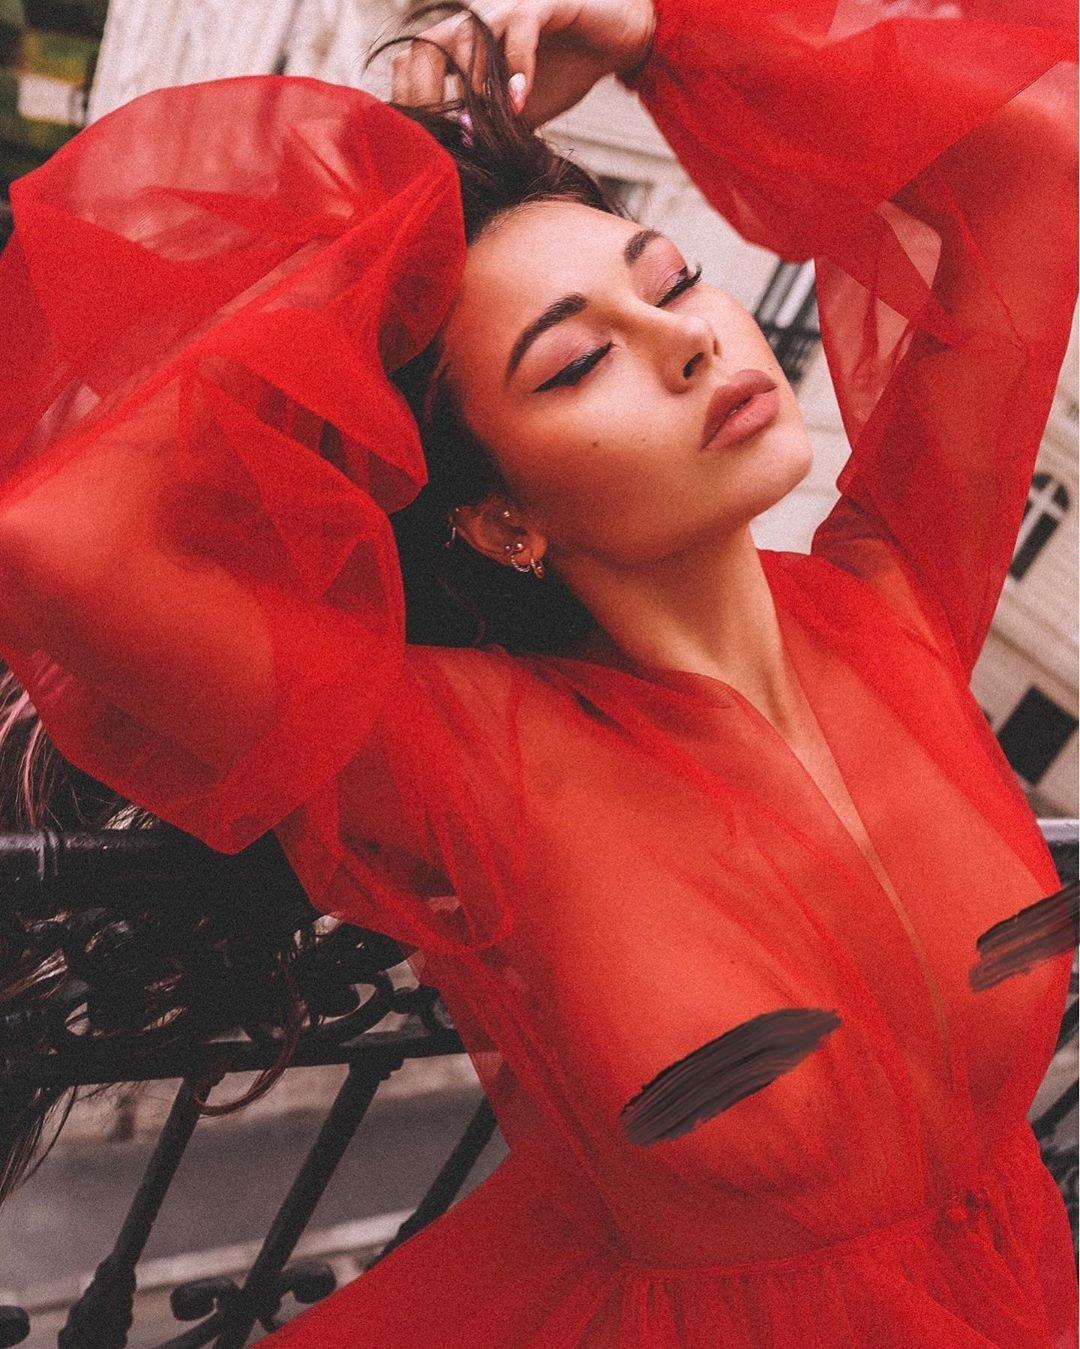 Модель Диана Мелисон поразила откровенной фотосессией в Париже